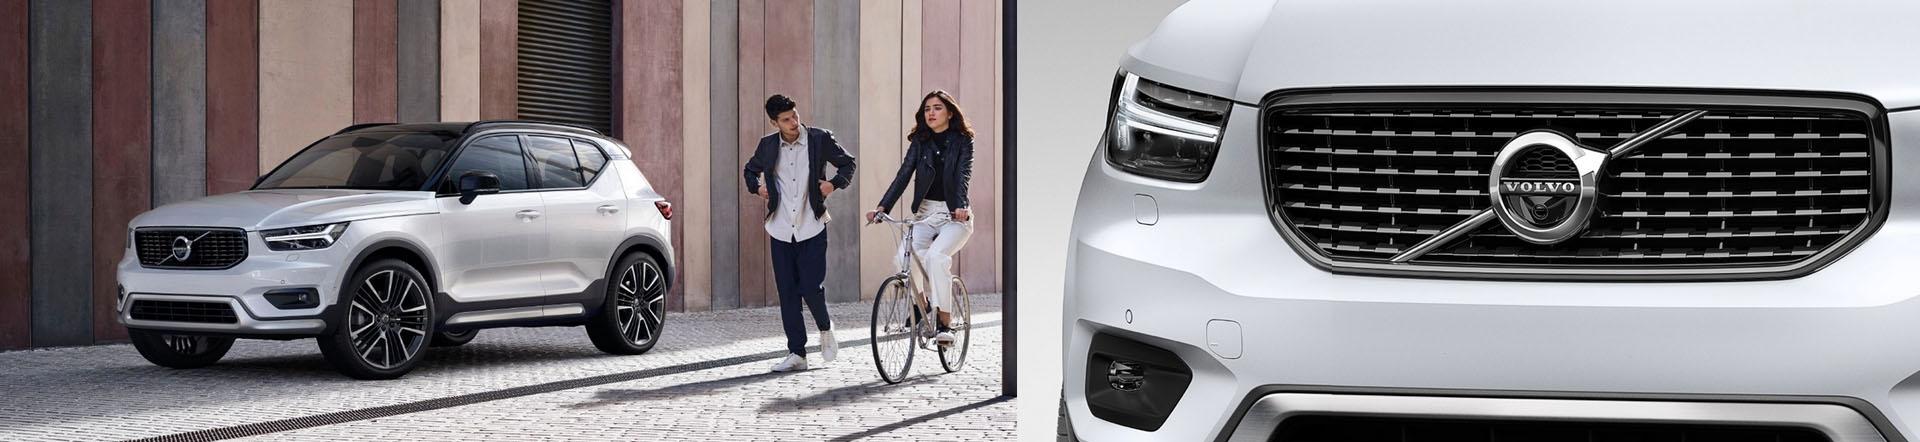 Volvo XC40, urbane Umgebung mit jungen Menschen, Modellfarbe weiß